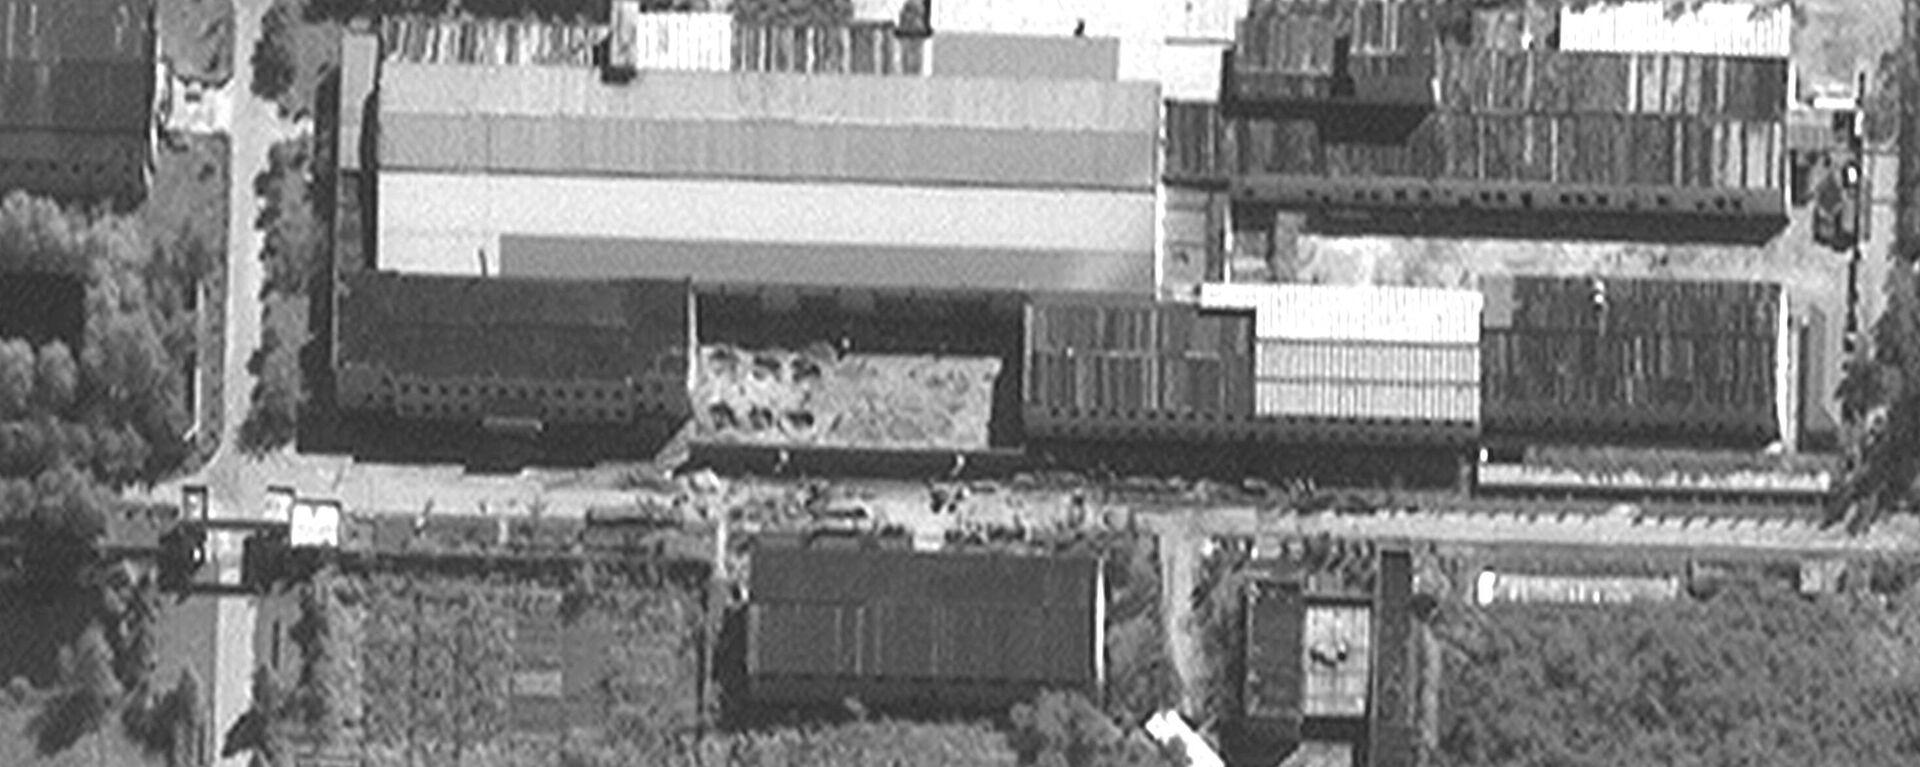 Ein Satellitenbild von Maxar Technologies, das vermutlich den Ausbau der Atomanlage Yongbyon zeigt  - SNA, 1920, 17.09.2021